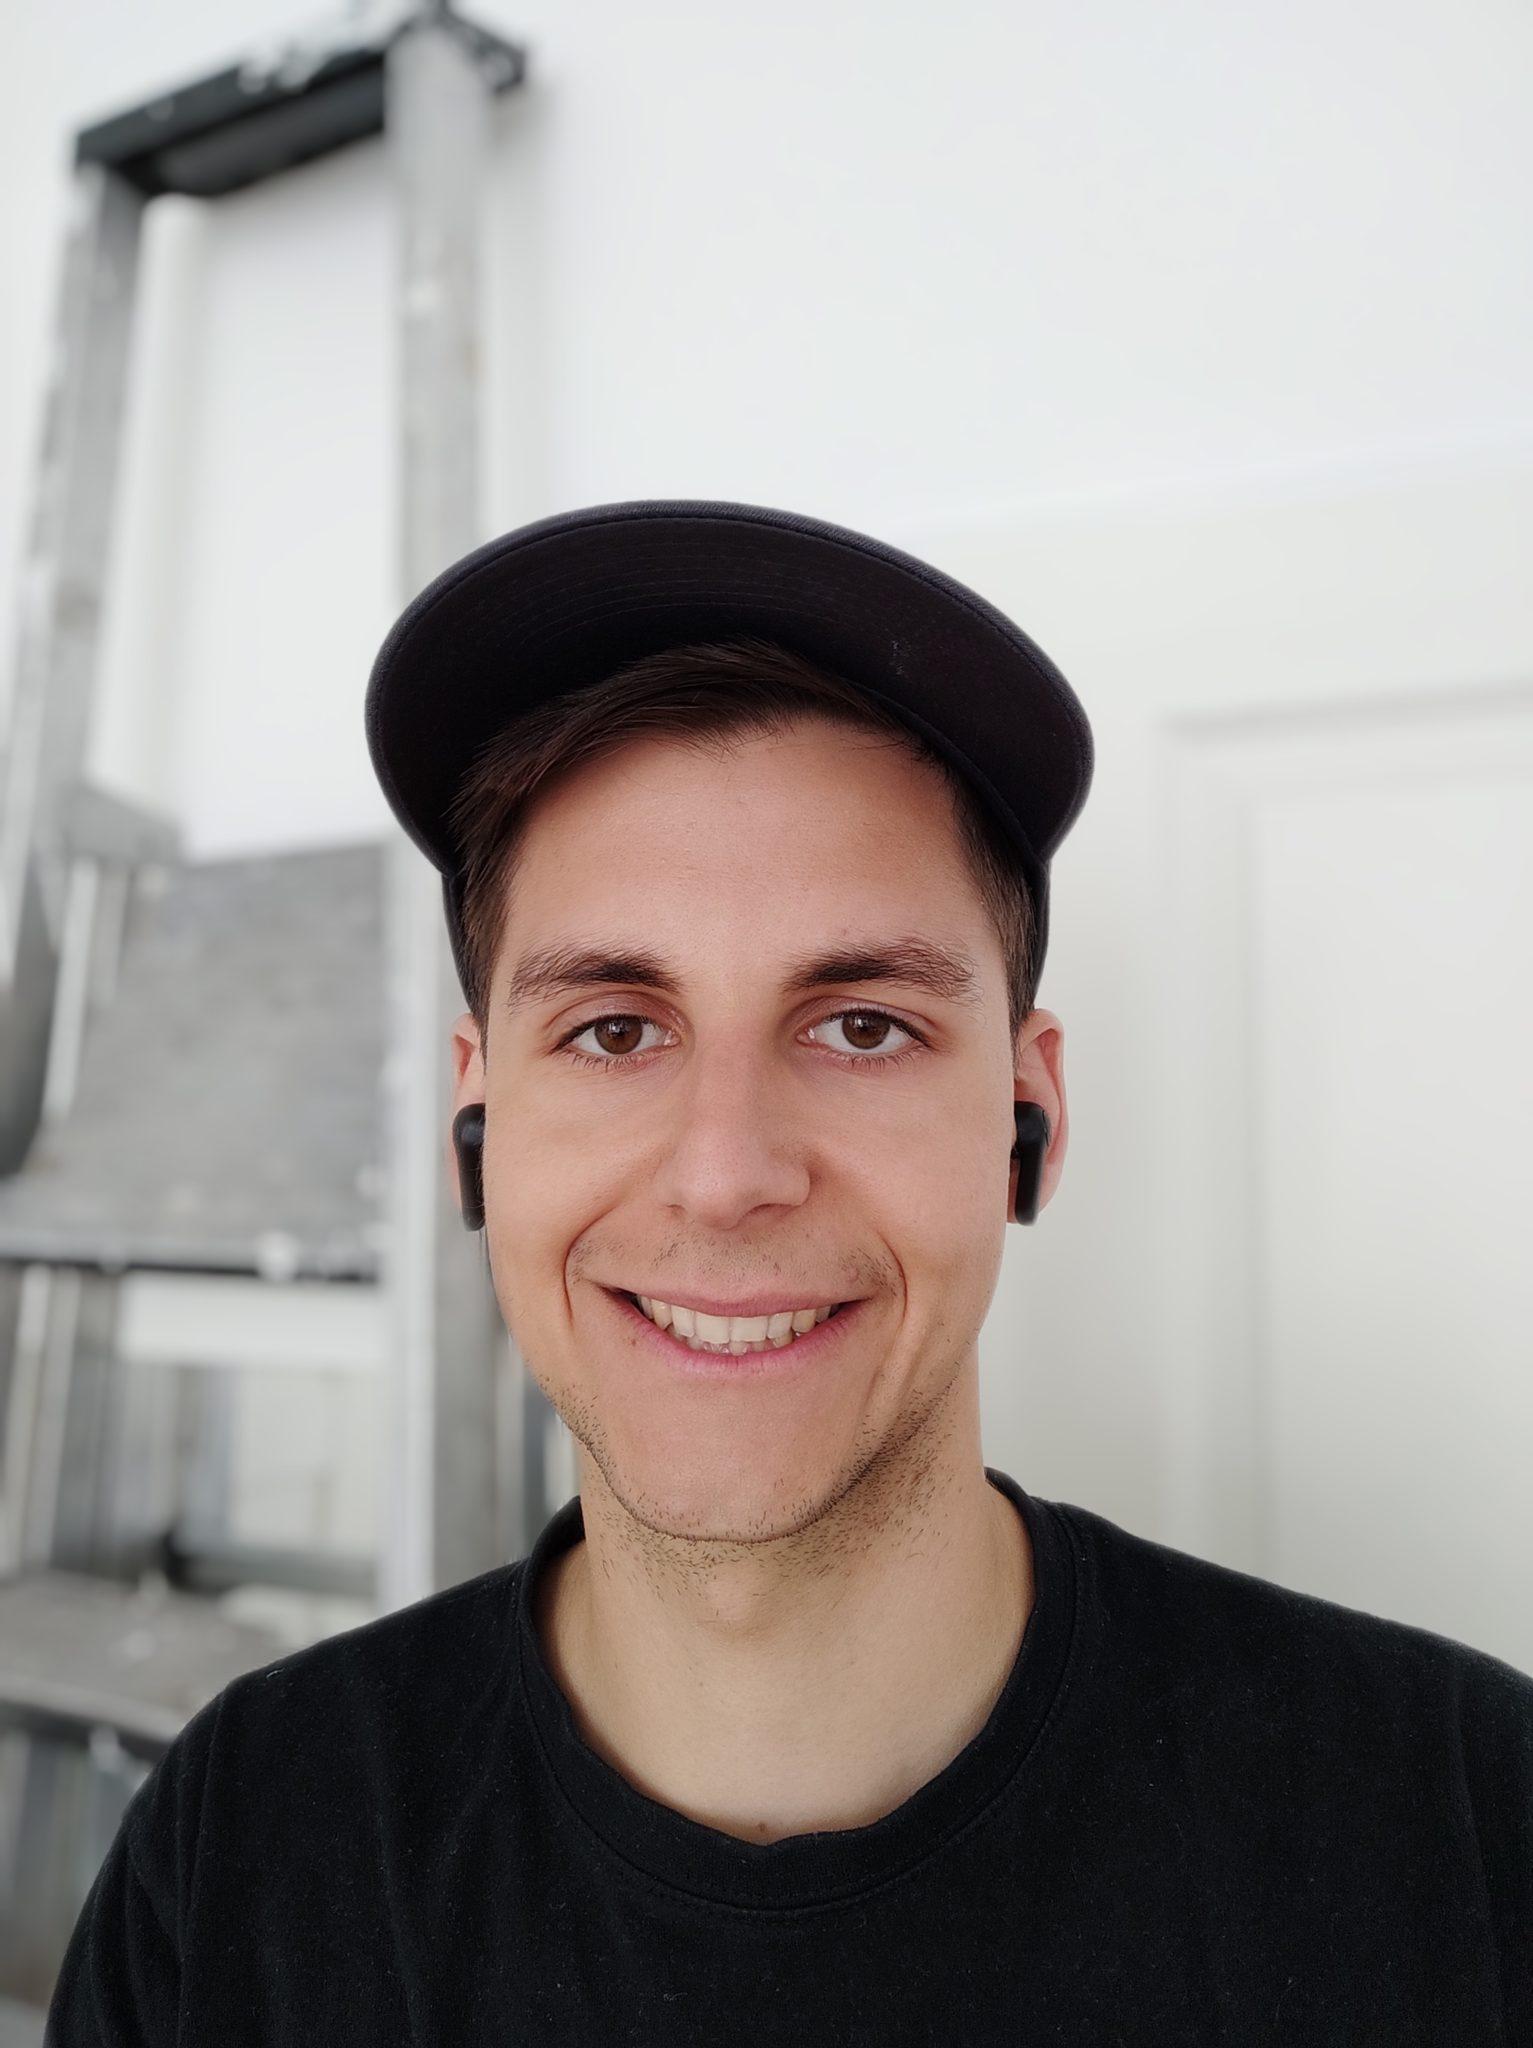 Selfie de prueba con el modo retrato de la cámara frontal del Pocophone F2 Pro